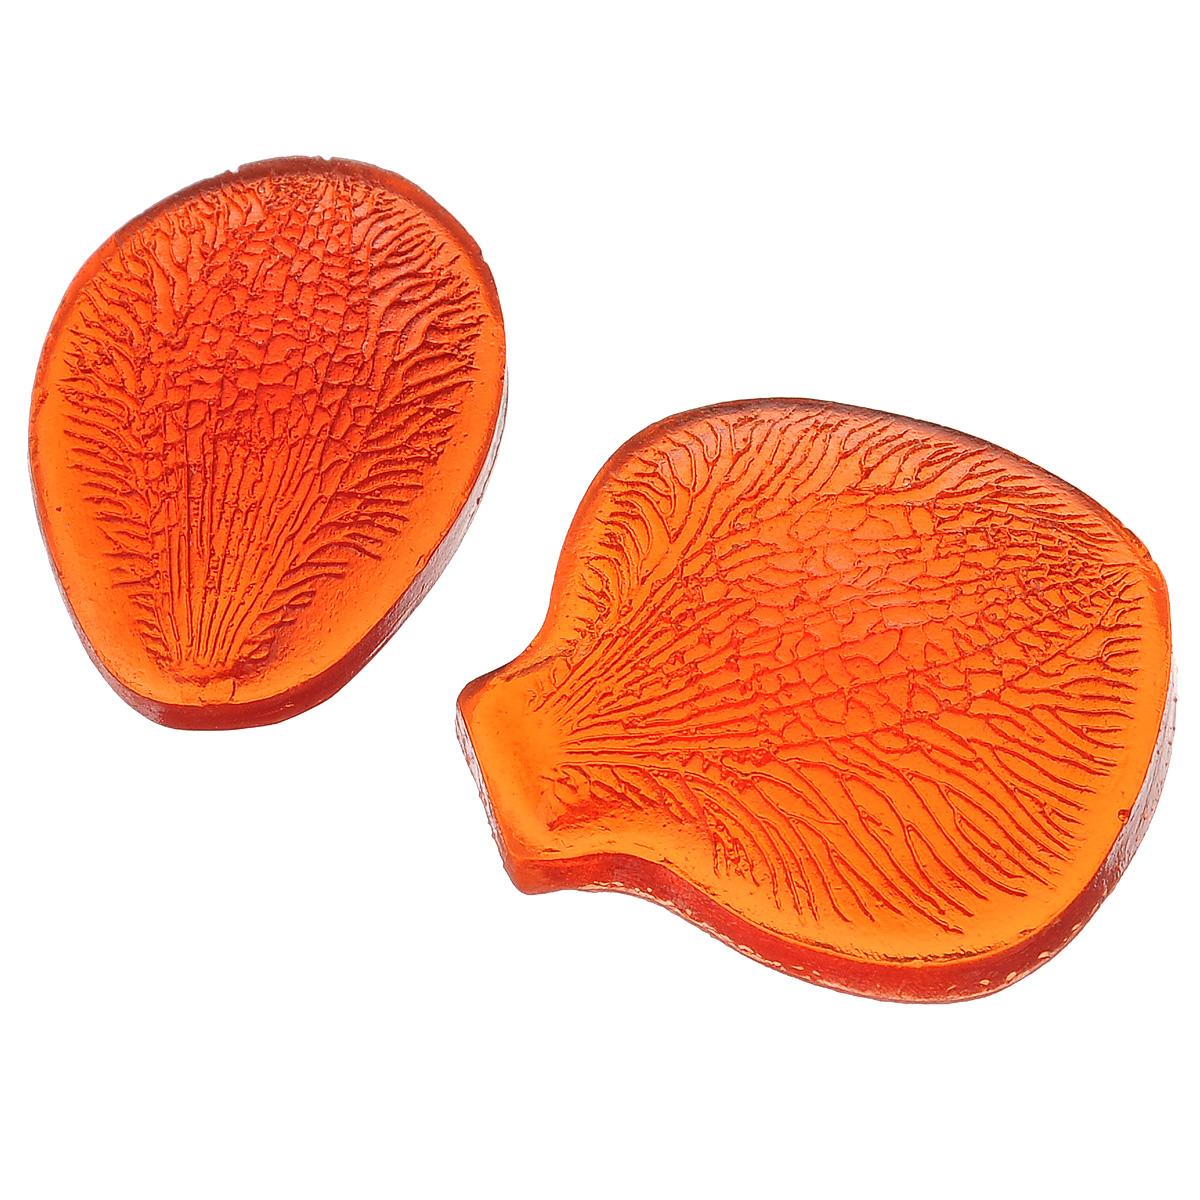 Молд для создания украшений из полимерной глины Fleur Фактура орхидеи Phalaenopsis. Цветок, 2 шт04-0010Молд Fleur Фактура орхидеи Phalaenopsis. Цветок, отлитый из эпоксидной смолы, применяется в керамической флористике для создания всех прожилок натурального растения. В наборе - два молда разной формы. Использовать их просто. Раскатайте глину до достижения необходимой толщины и формы, после чего приложите изделие к рельефной части фактуры и надавите по всей поверхности легкими поступательными движениями. Затем аккуратно снимите глину с фактуры. На материале сохранятся все прожилки растения. При первом использовании рекомендуется слегка смазать молд кремом для рук. Размер частей молда: 6 см х 5,5 см х 1 см; 5,5 см х 4 см х 1 см. Комплектация: 2 шт.